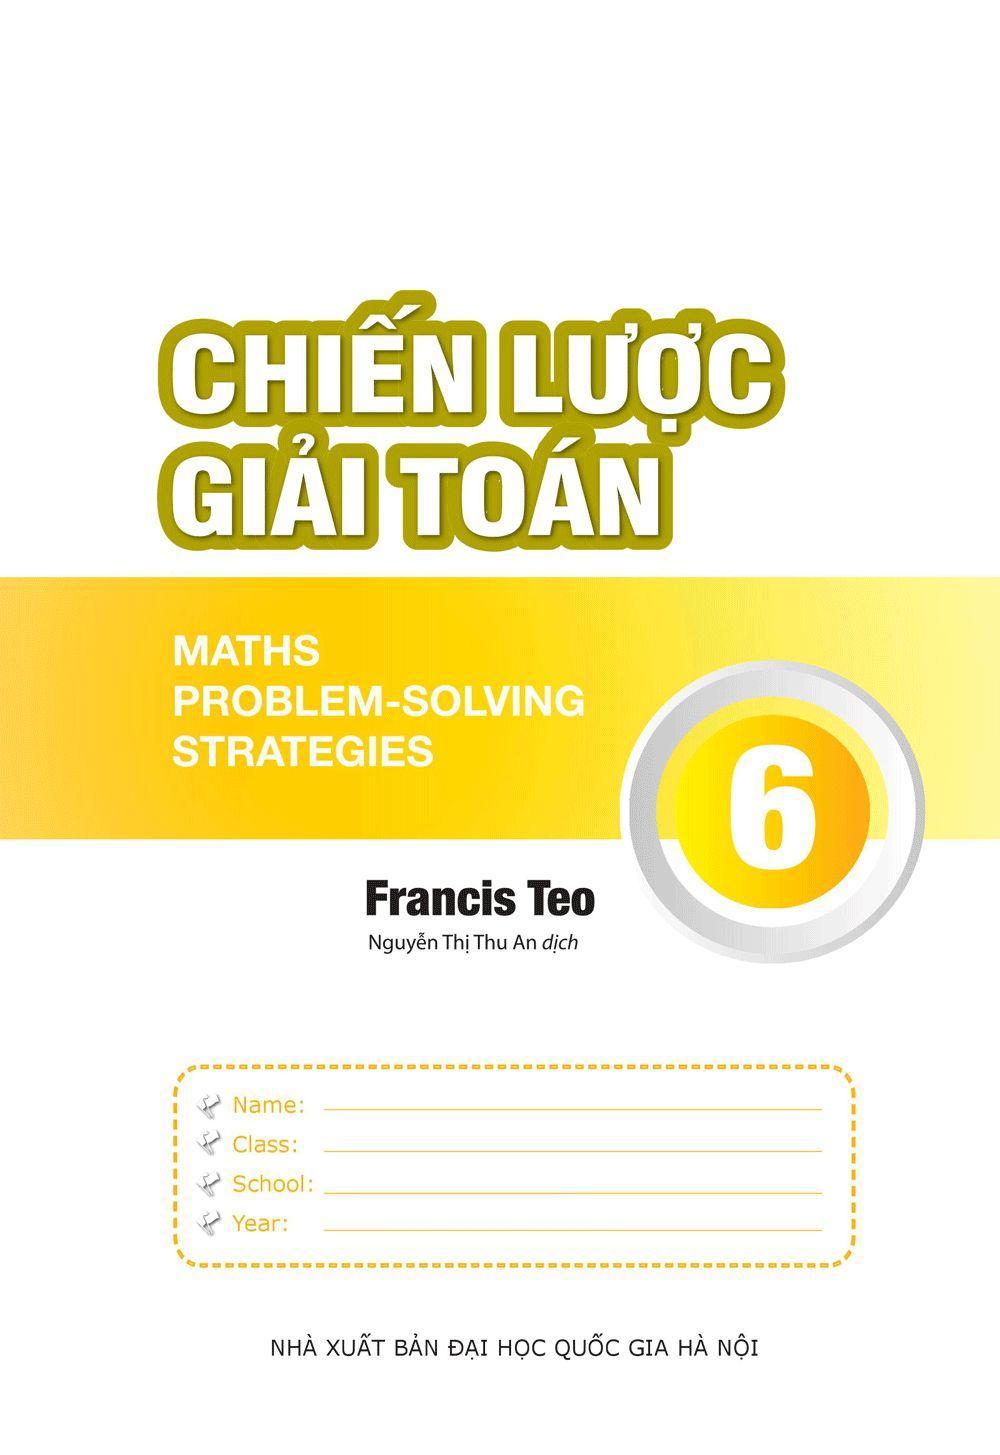 Mua Sách Chiến lược giải toán 6 - Song ngữ